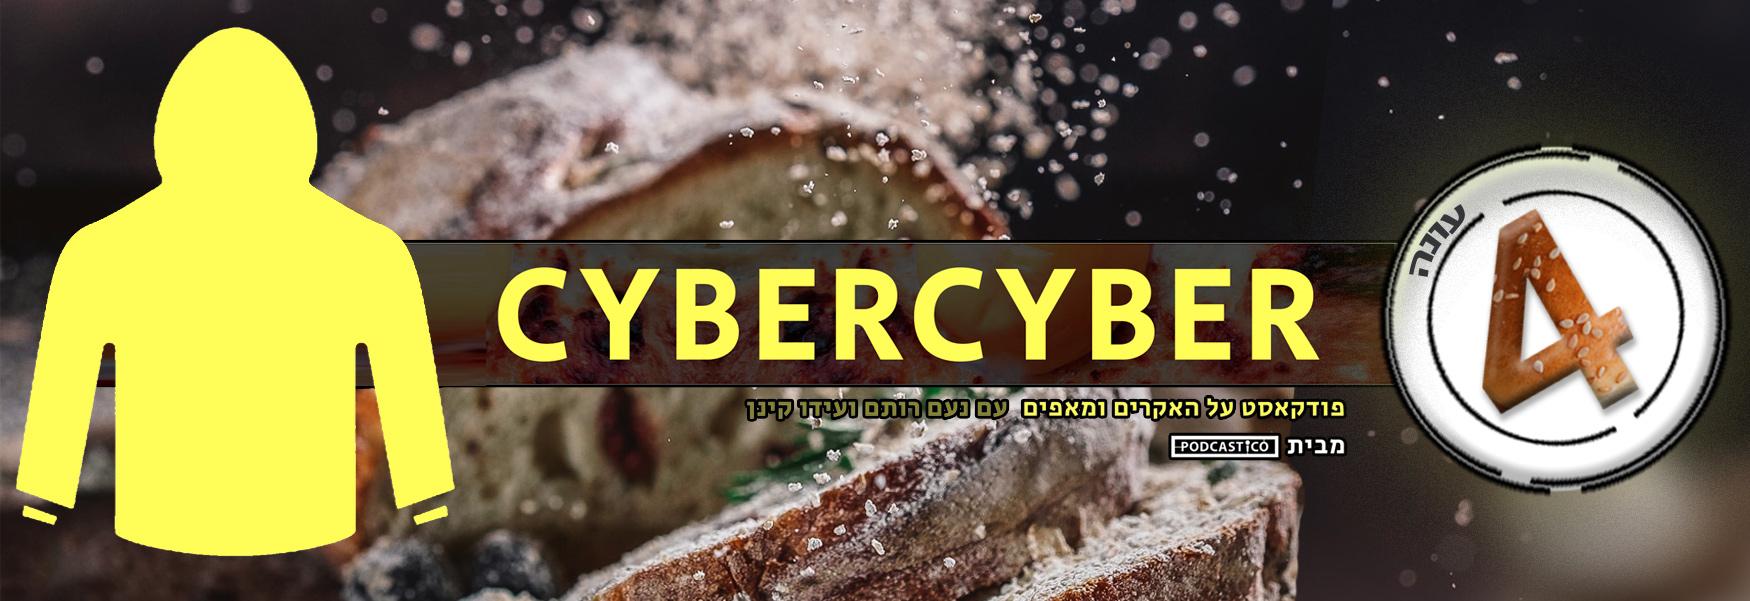 סייברסייבר – פודקאסט על האקרים ומאפים – CyberCyber